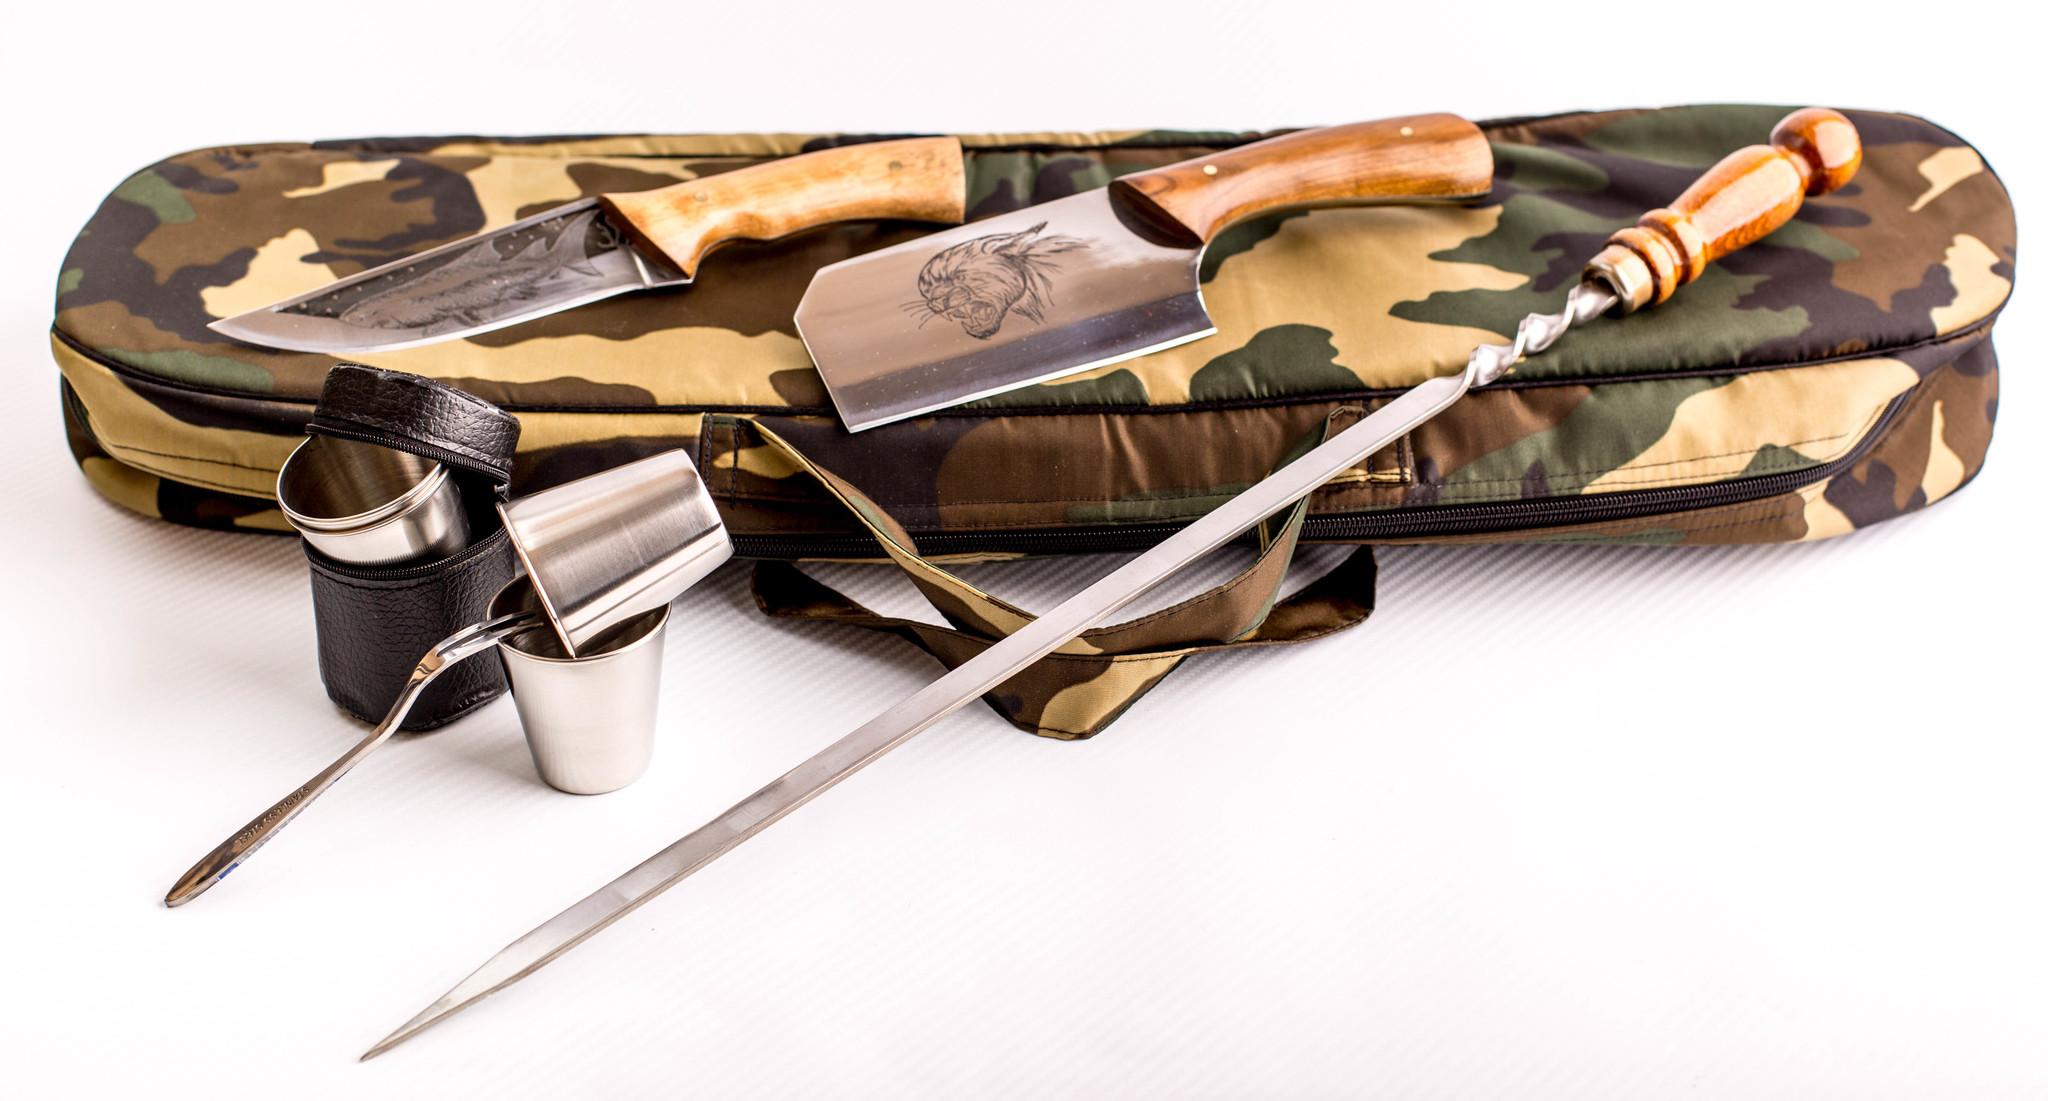 Фото 12 - Шашлычный набор Камуфляж, Кизляр от Кизляр СТО